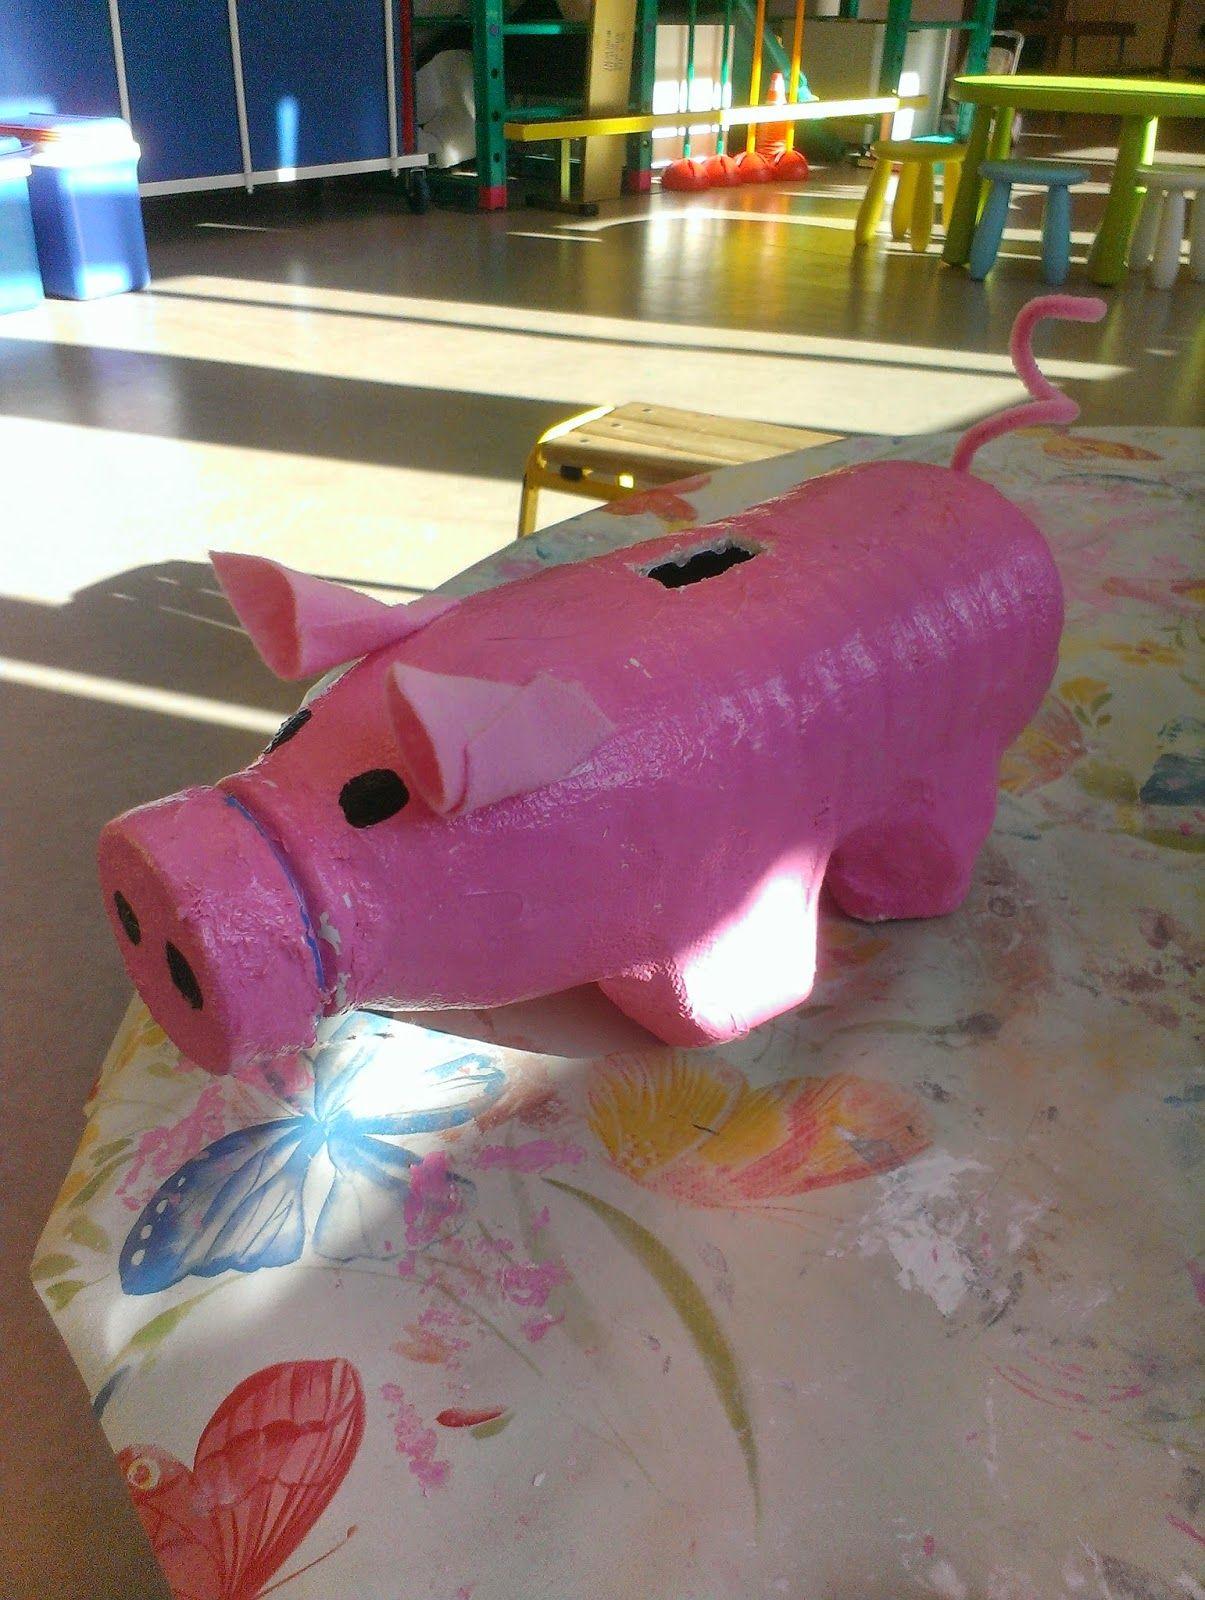 les activit s de ju li cochon tirelire activit manuelle pinterest tirelire cochons et. Black Bedroom Furniture Sets. Home Design Ideas